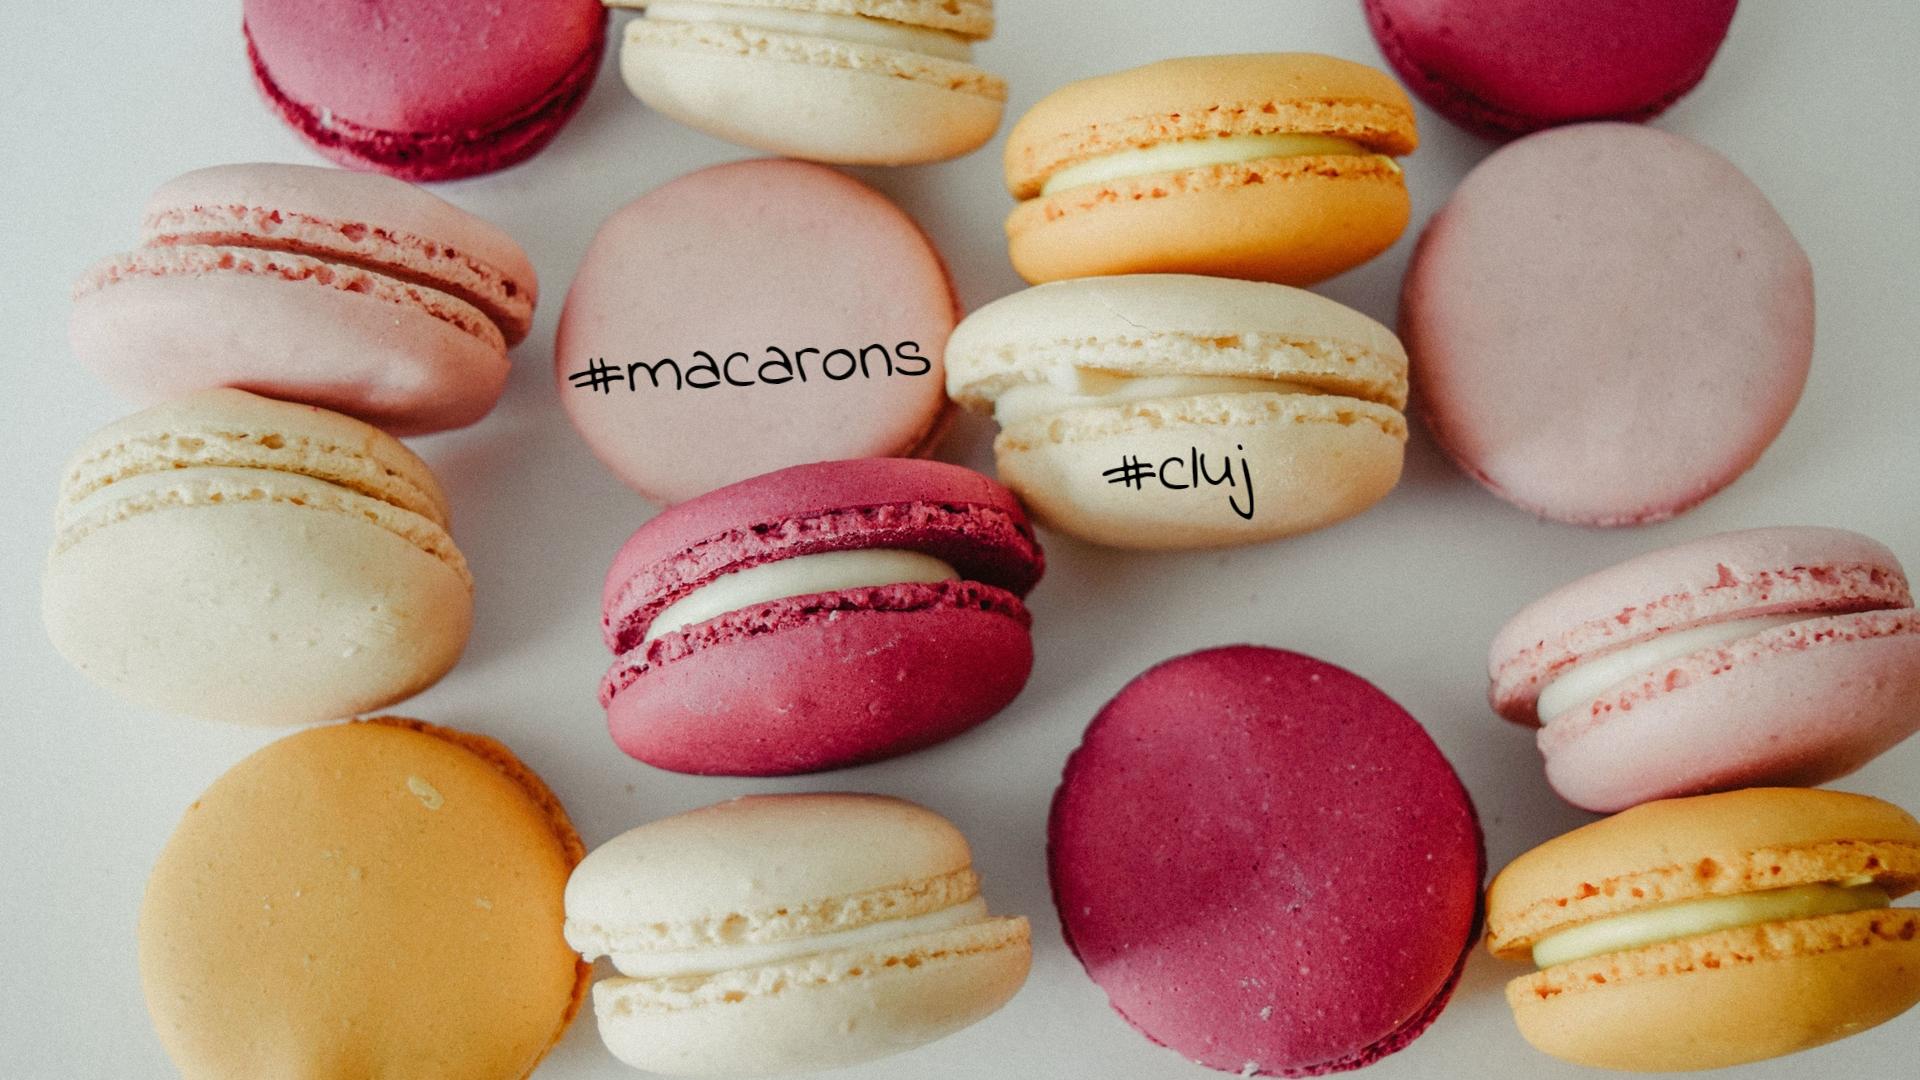 Unde găsești cele mai bune macarons în Cluj?